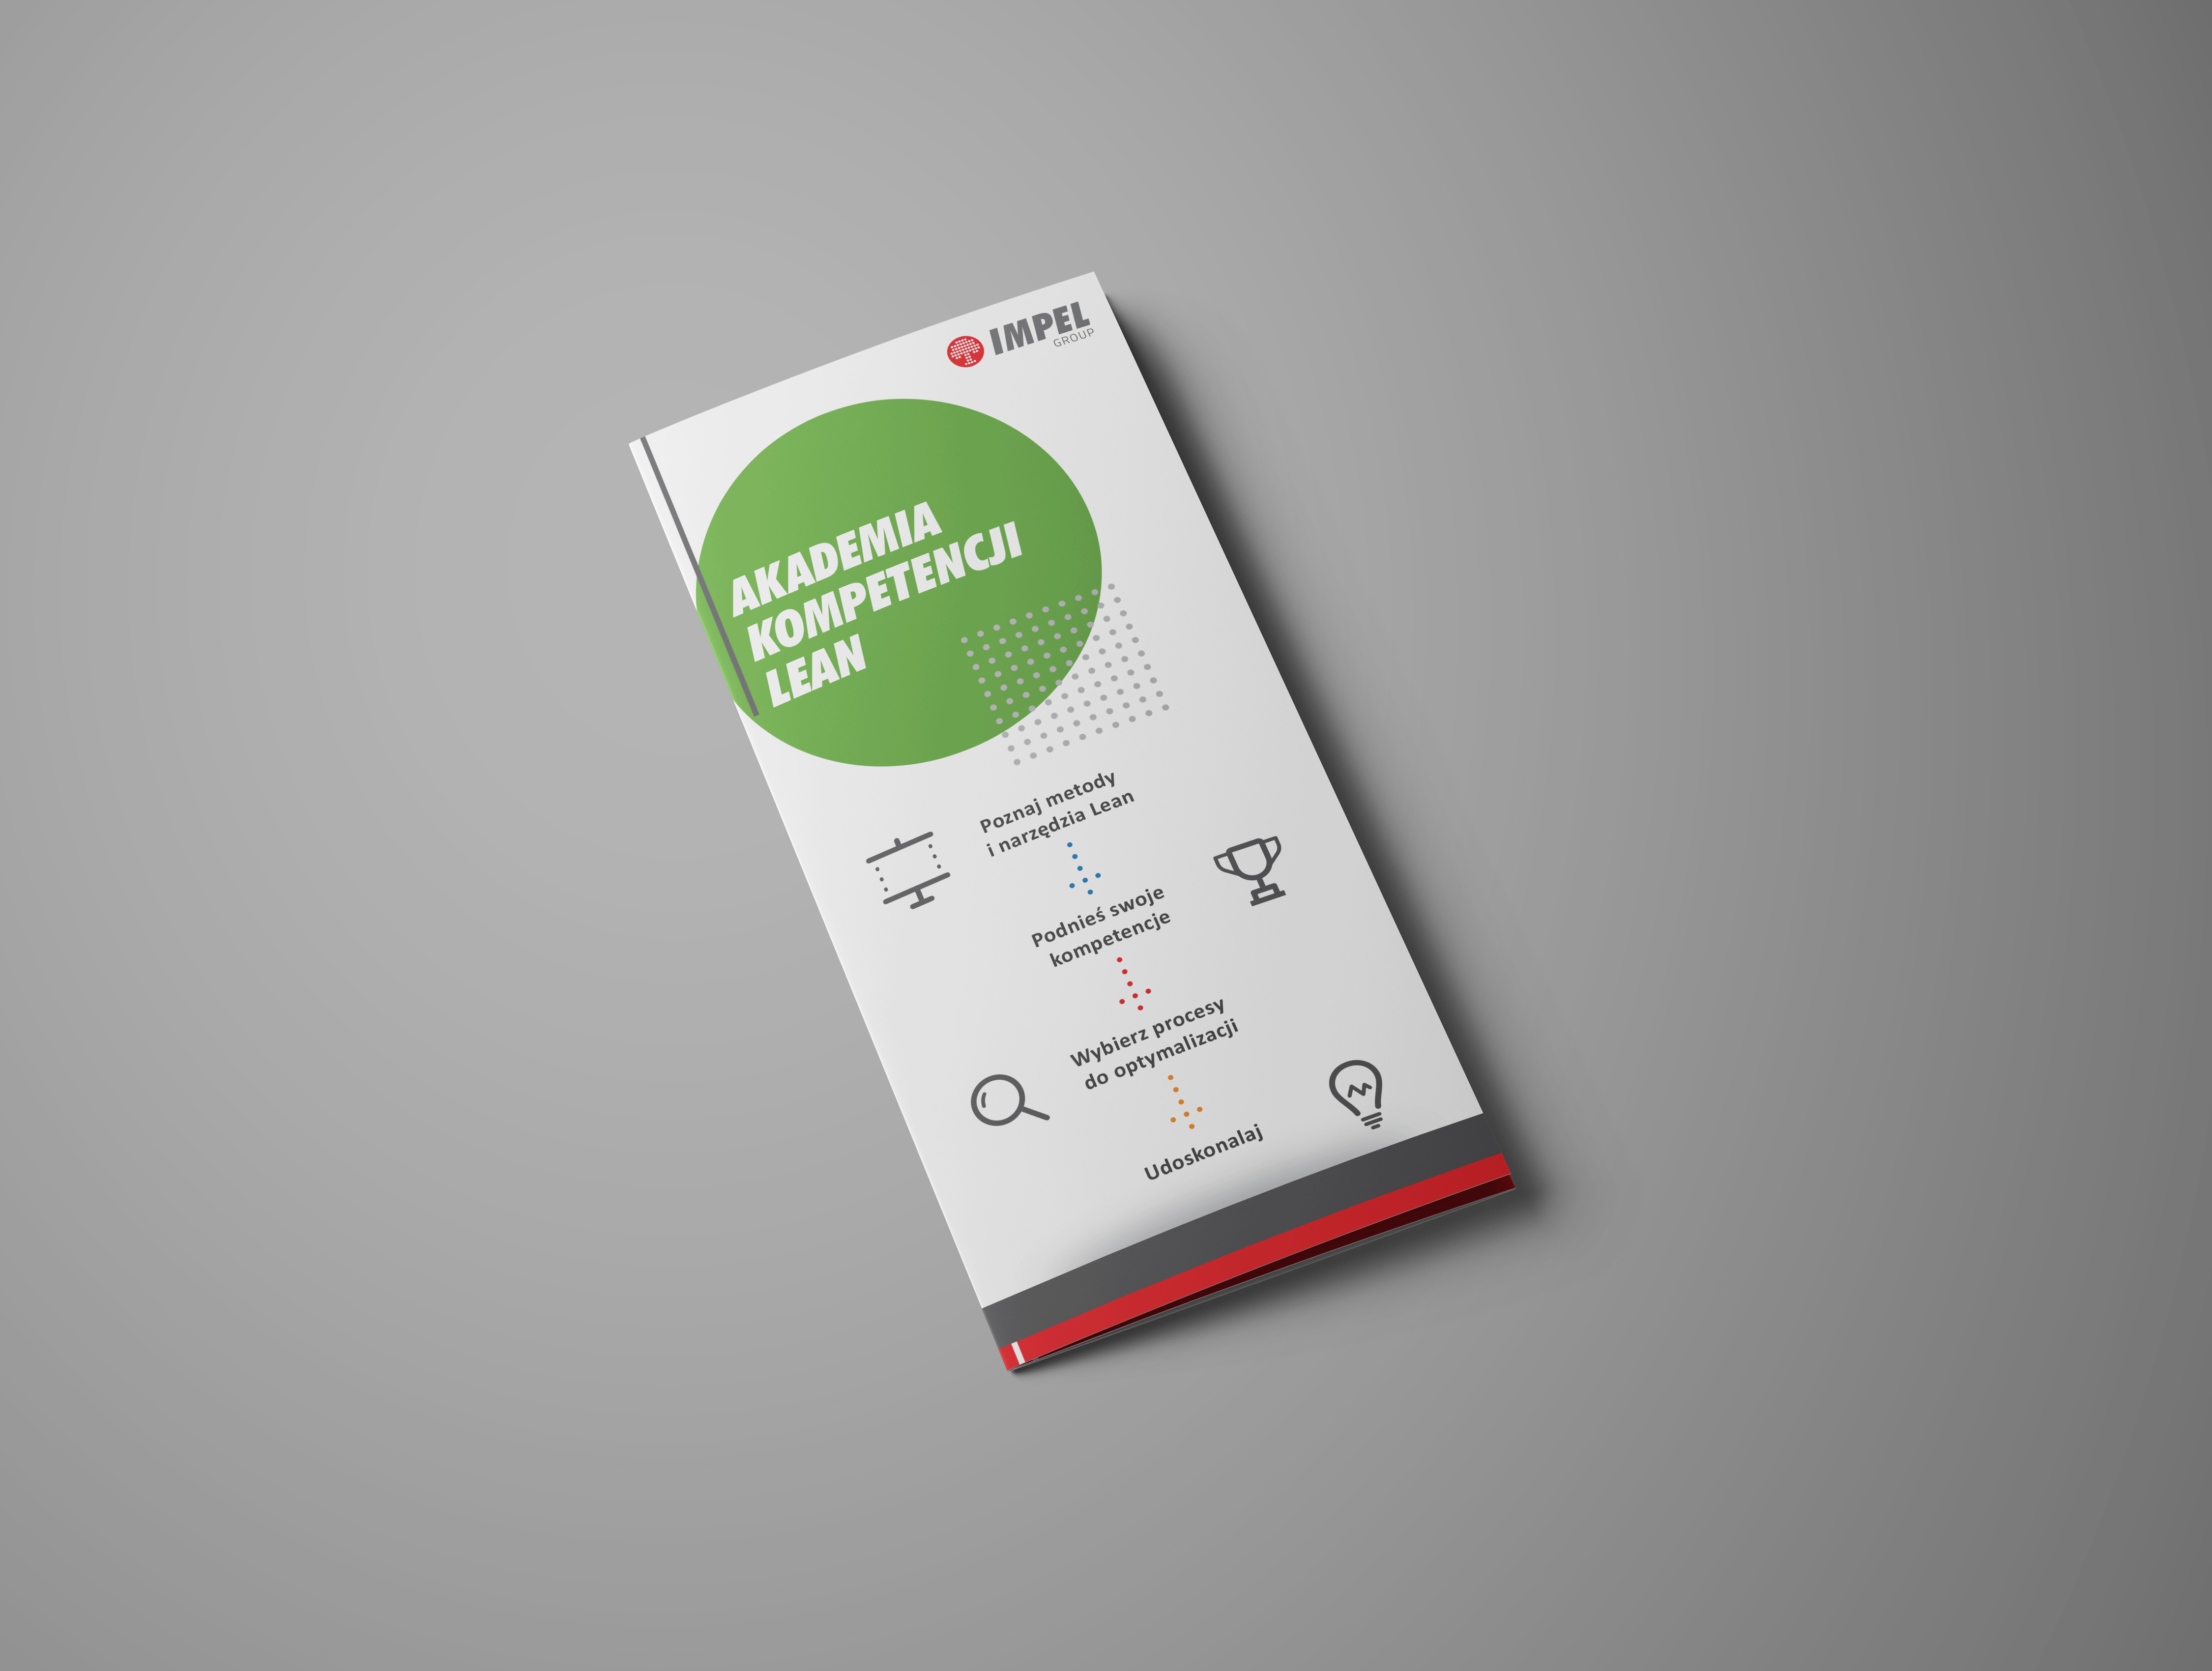 Projekt broszury Akademia kompetencji lean